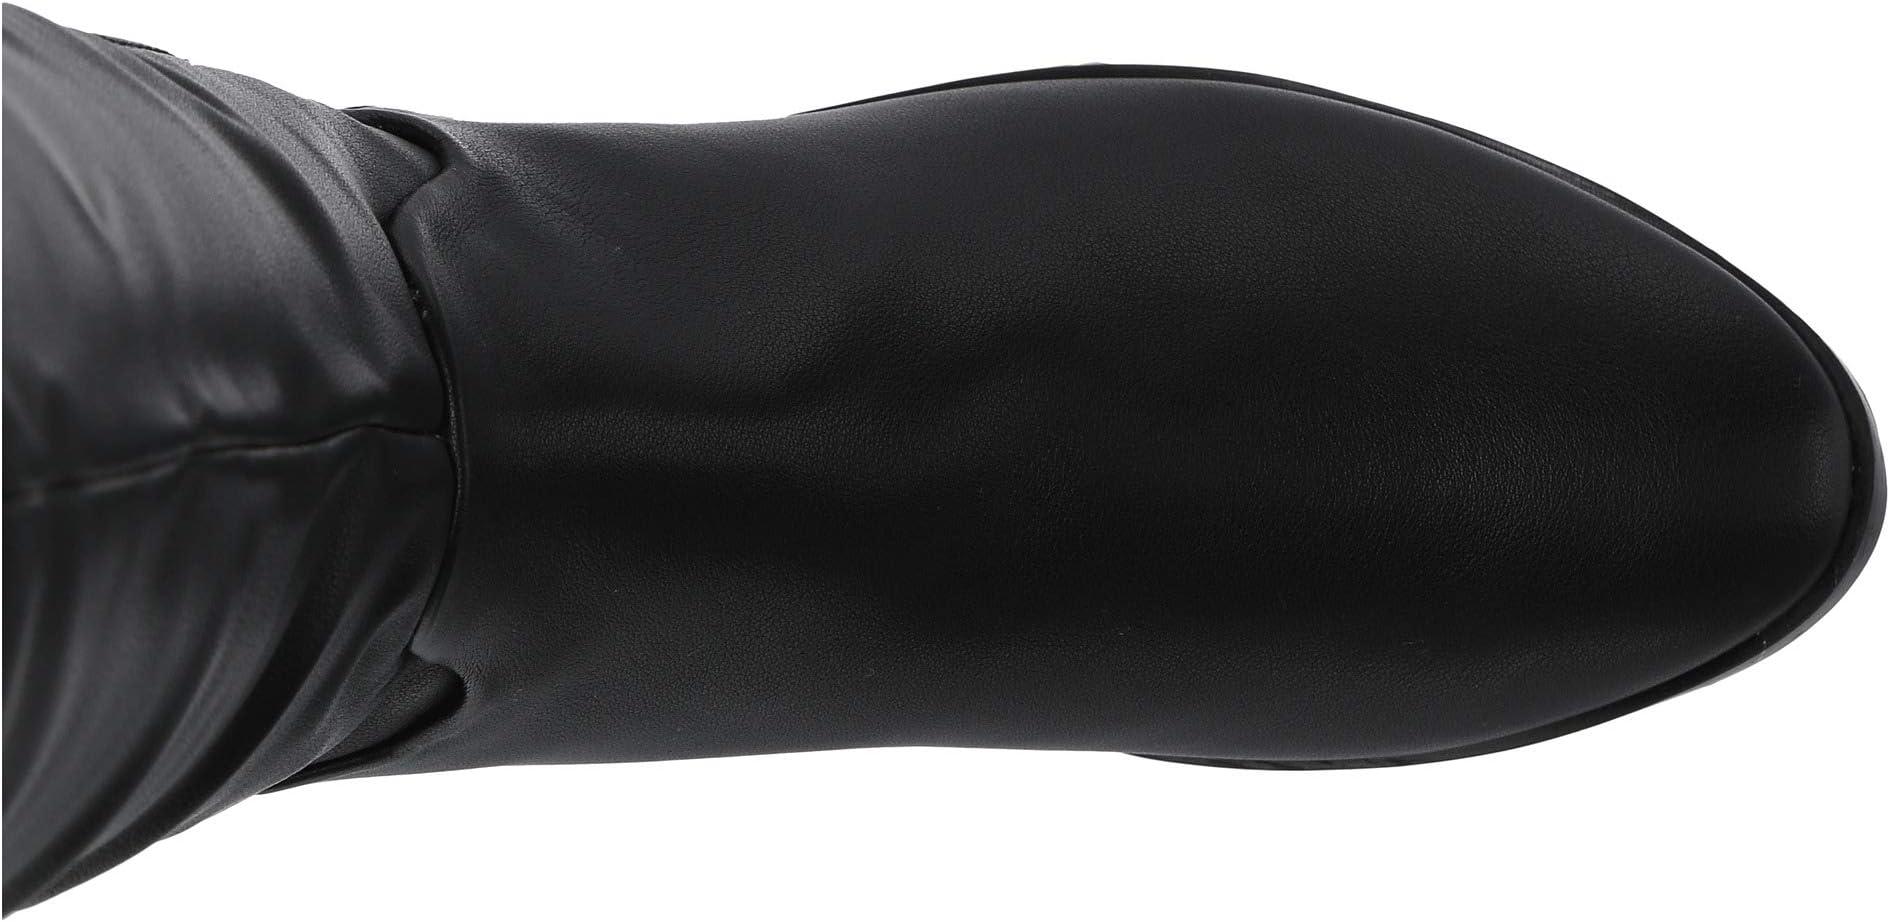 ALDO Solonna | Women's shoes | 2020 Newest